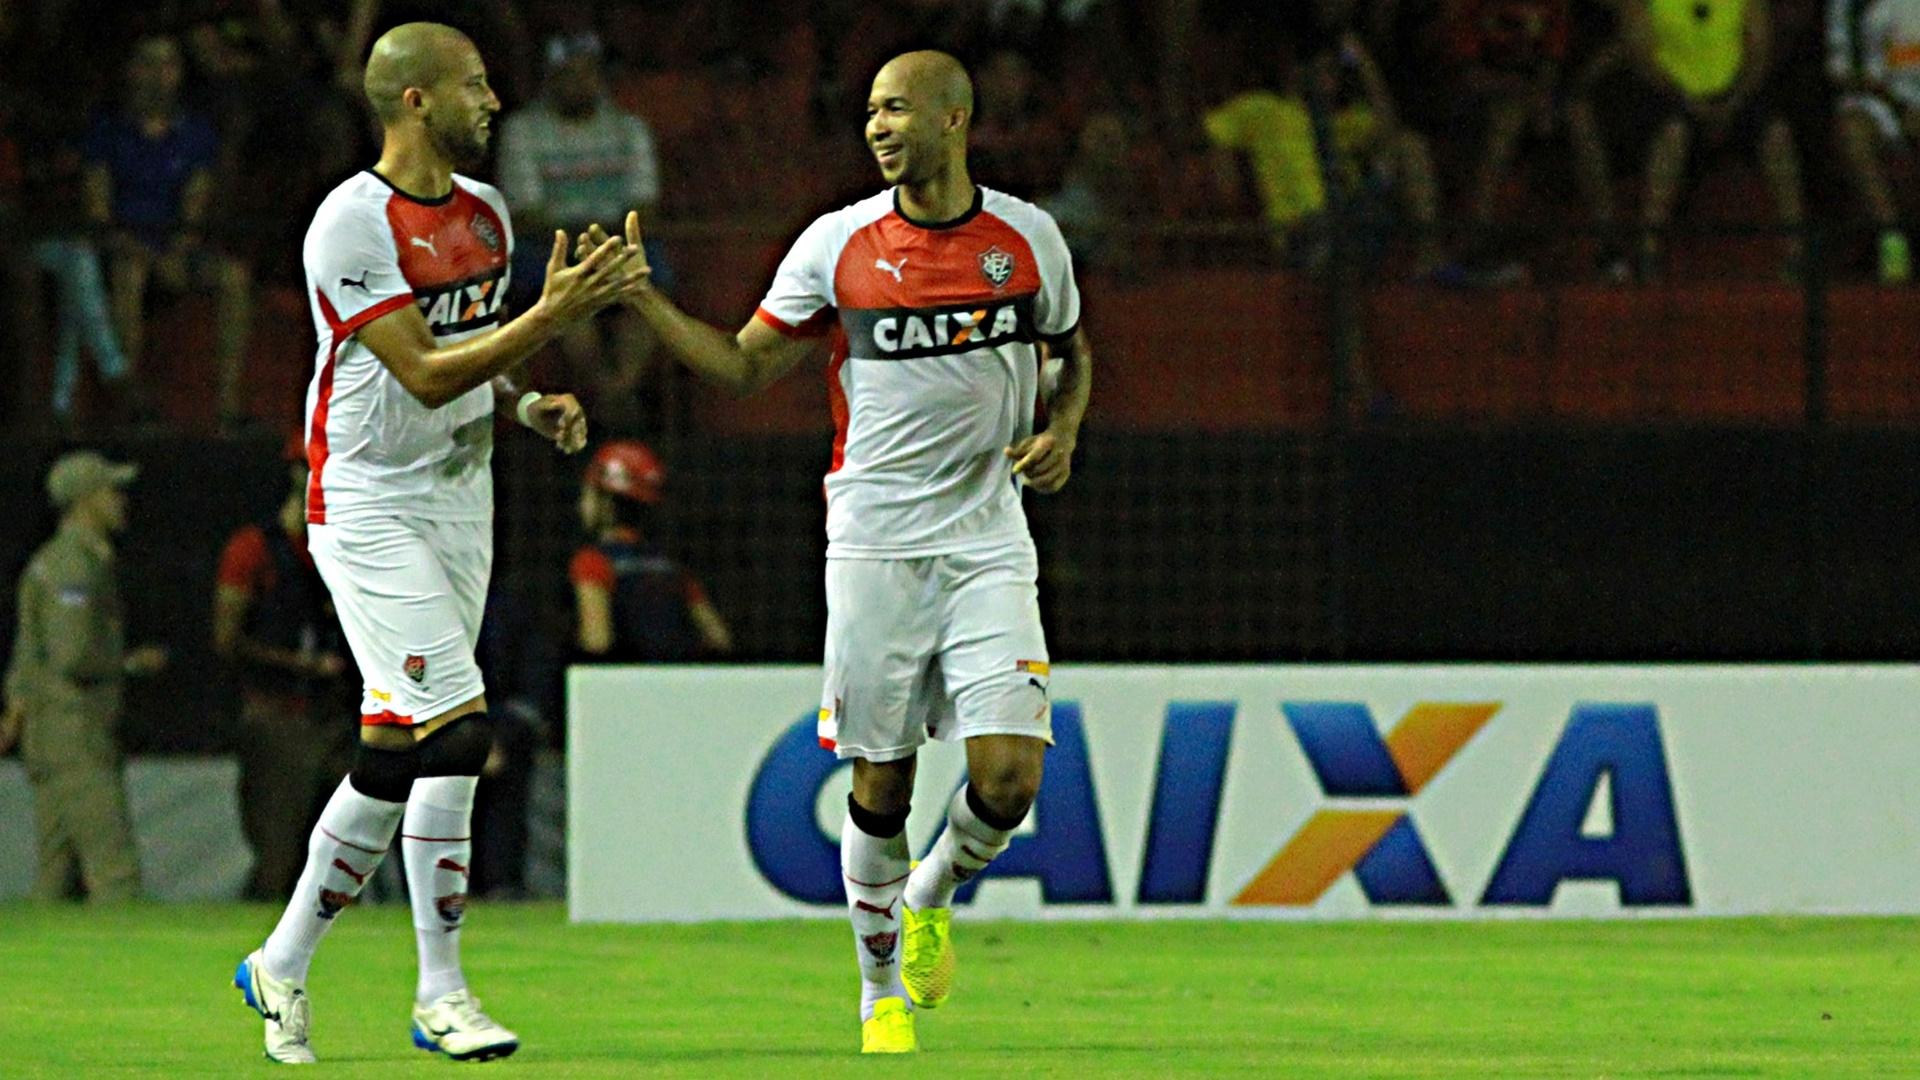 Dinei fez o gol que definiu o triunfo do Vitória no Brasileiro